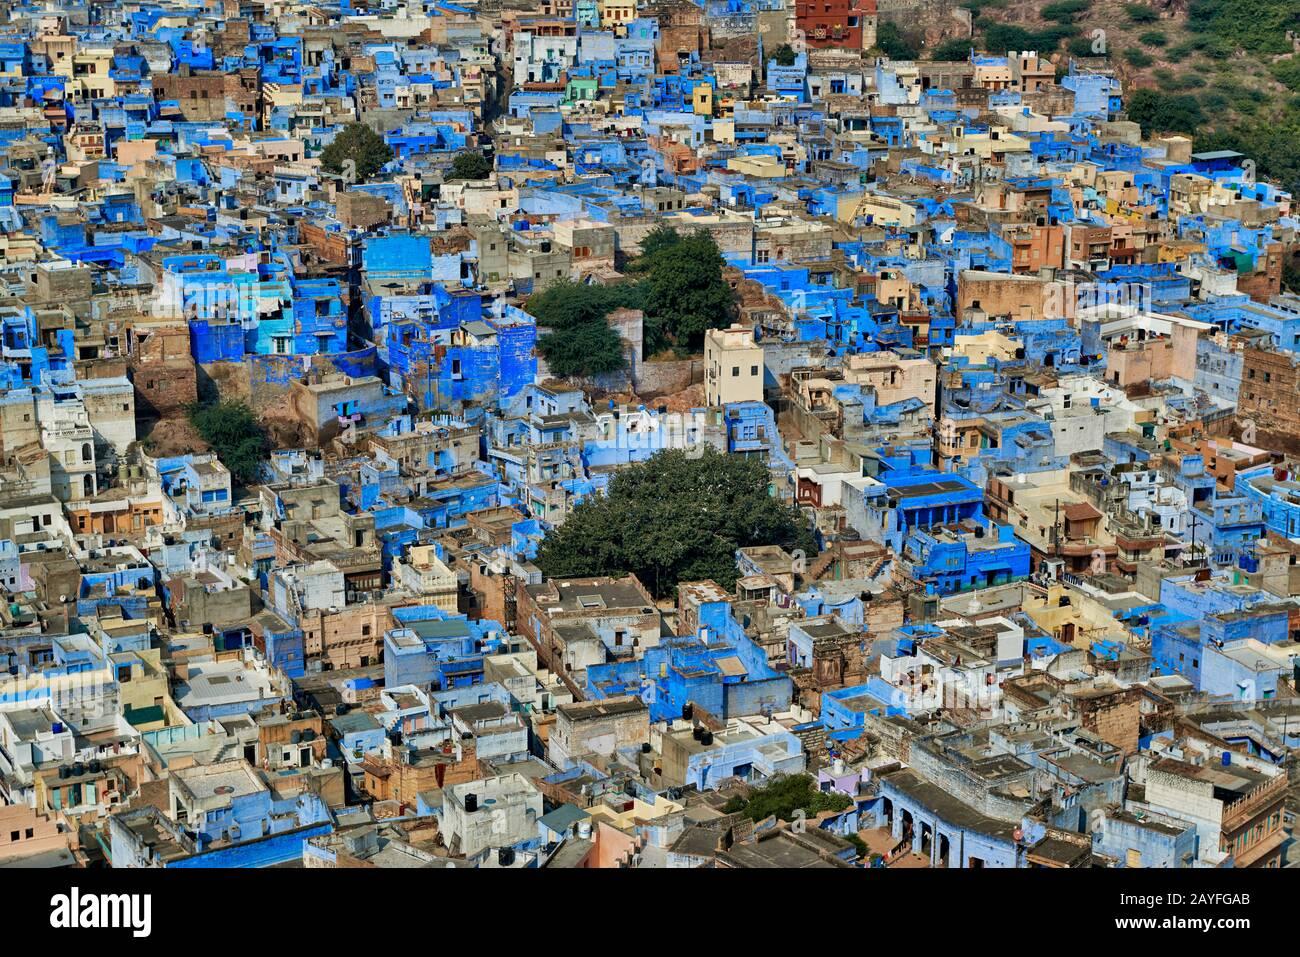 Vue aérienne de la ville bleue Jodhpur, Rajasthan, India Banque D'Images